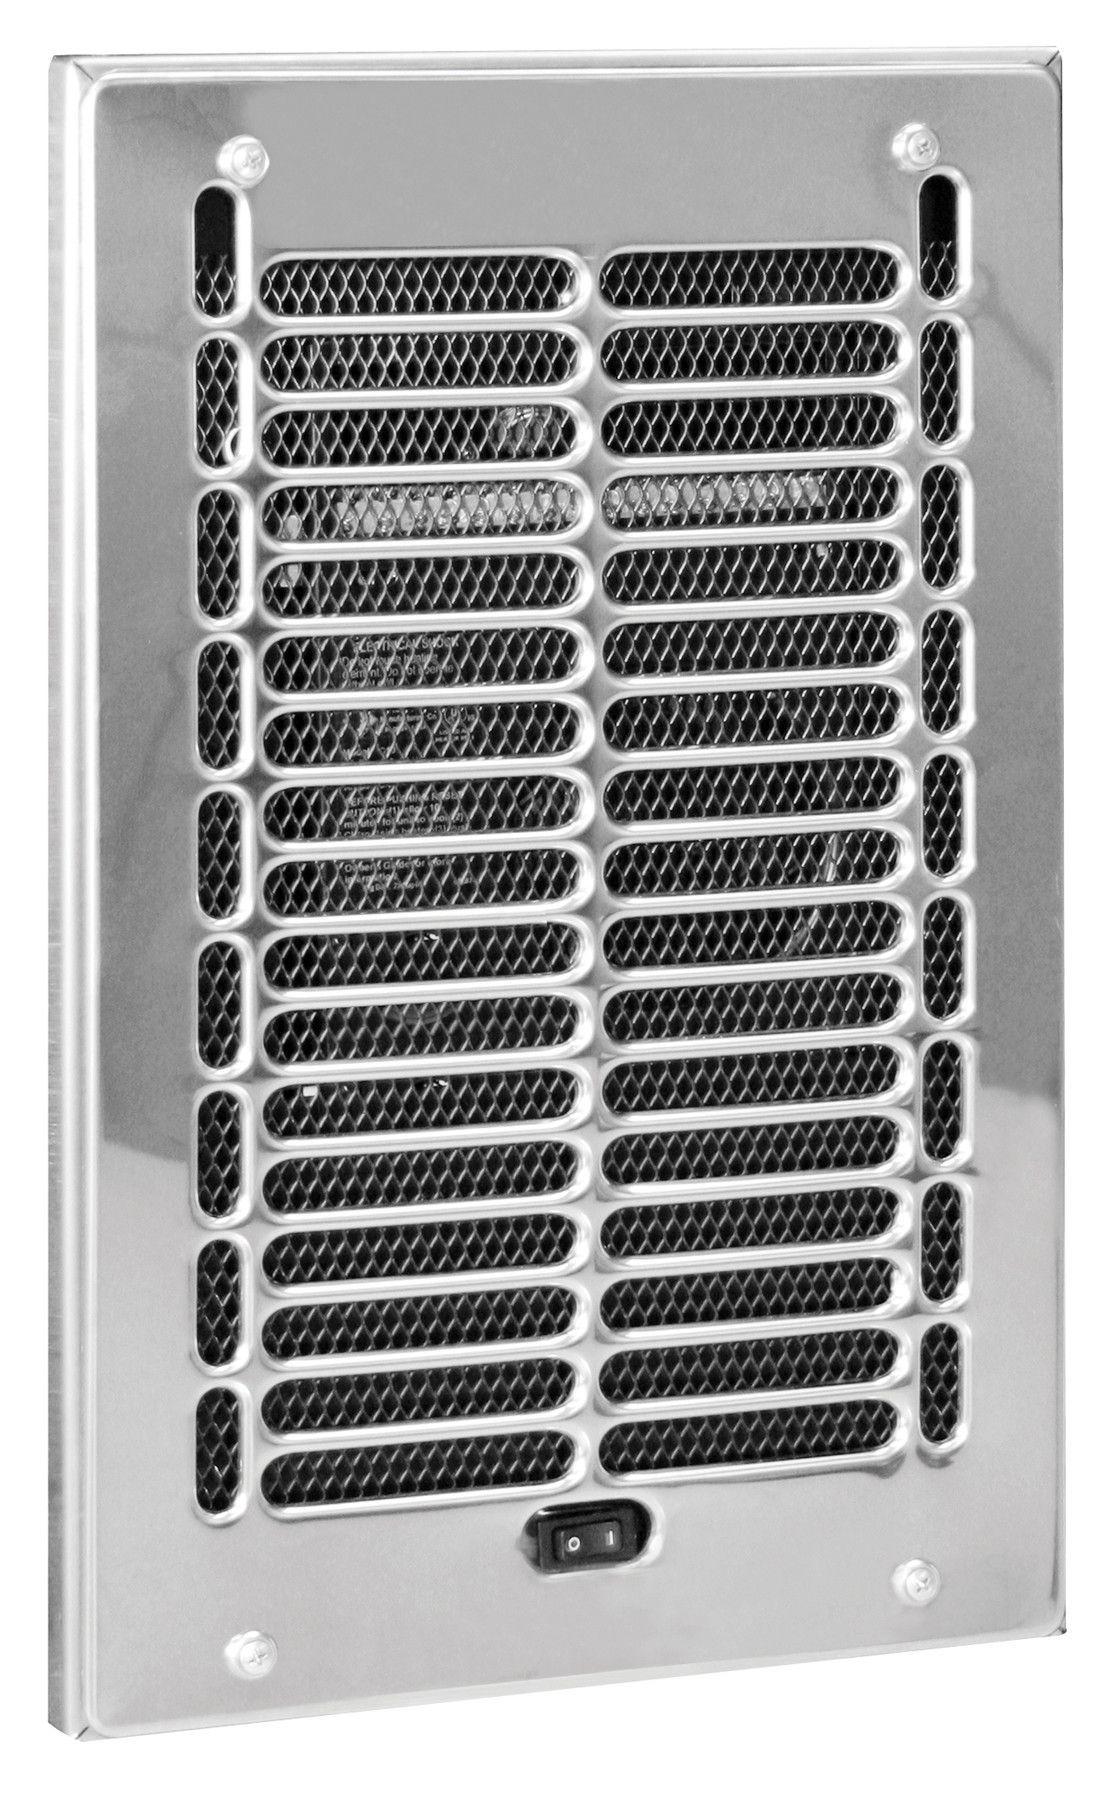 Rbf Series 1000 Watt 120 Volt Electric Wall Fan Heater Bathroom Heater Wall Fans Primitive Bathrooms